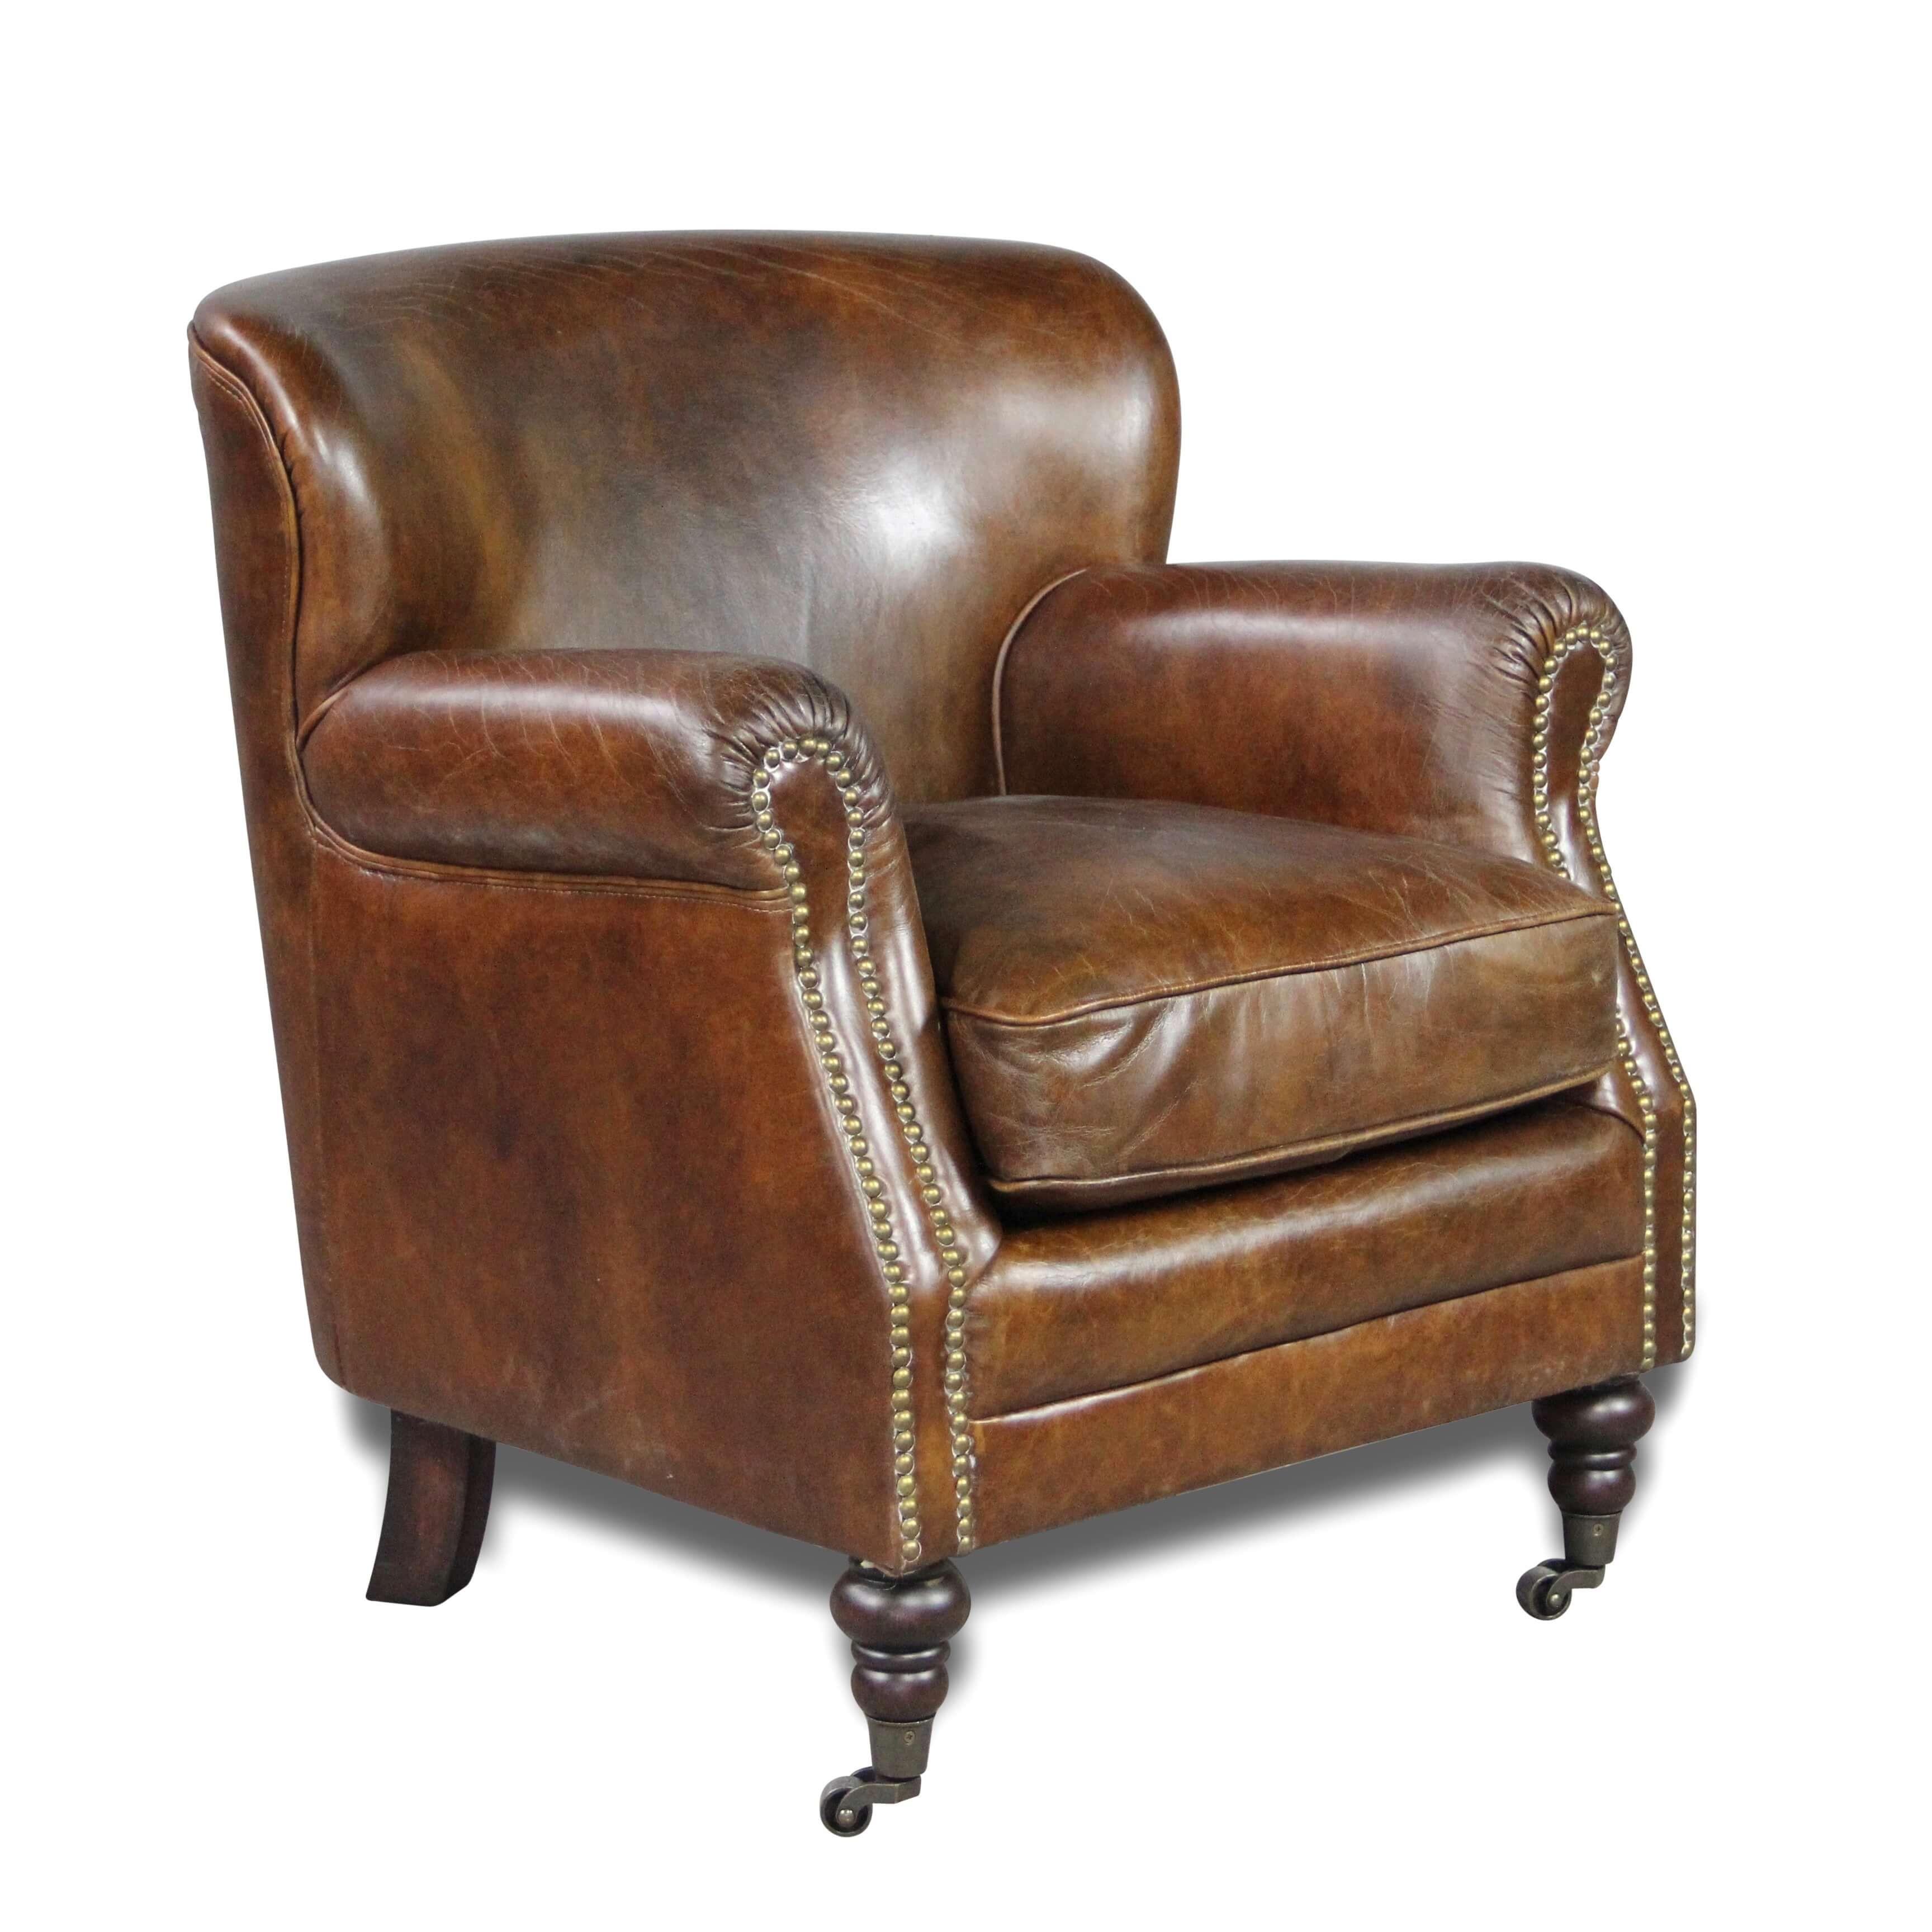 clubsessel braun patina leder english stil mit nagel. Black Bedroom Furniture Sets. Home Design Ideas